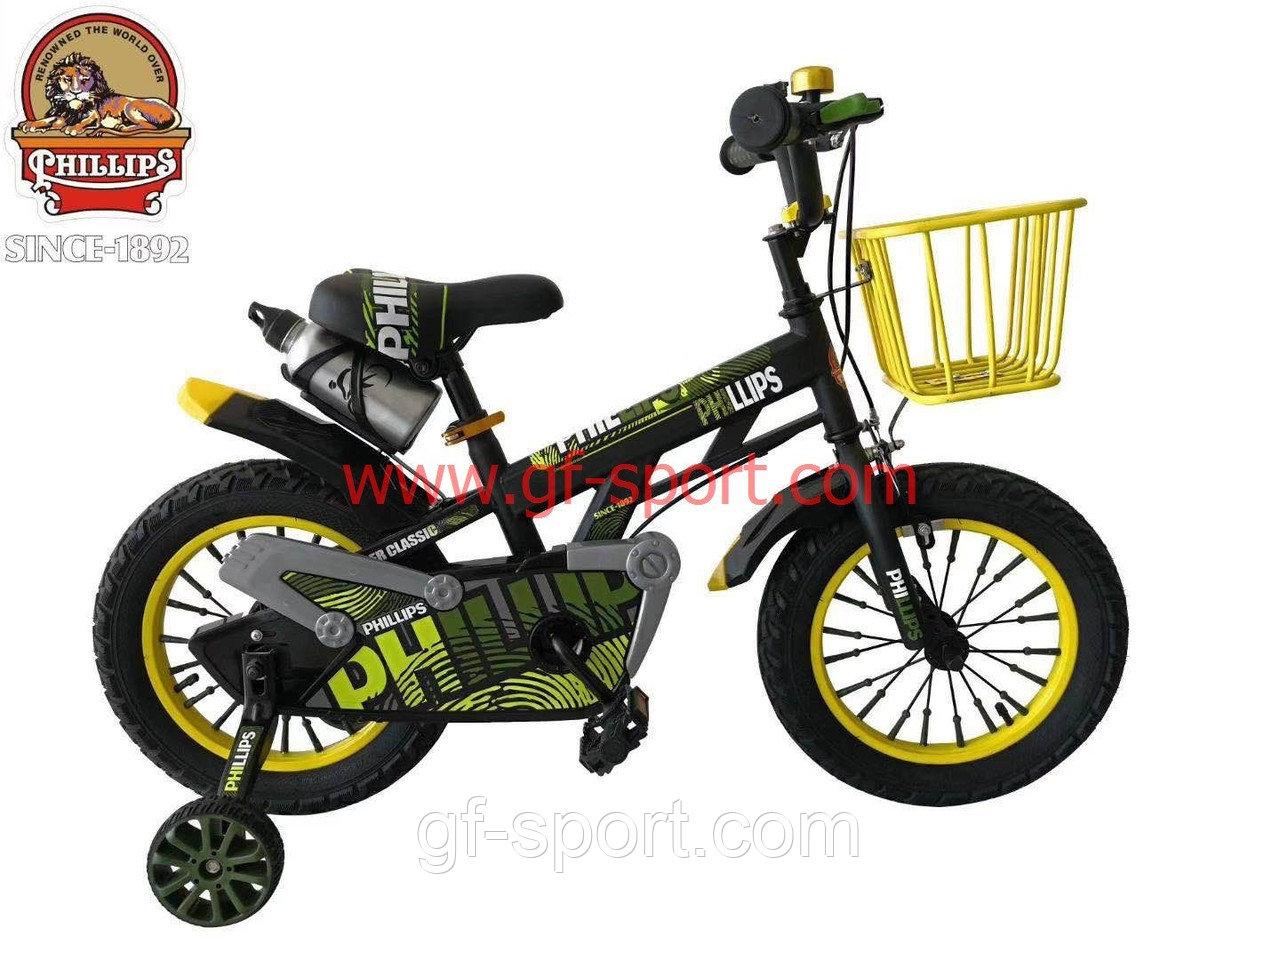 Велосипед Phillips зеленый(хаки,военный) алюминиевый сплав оригинал детский с холостым ходом 14 размер